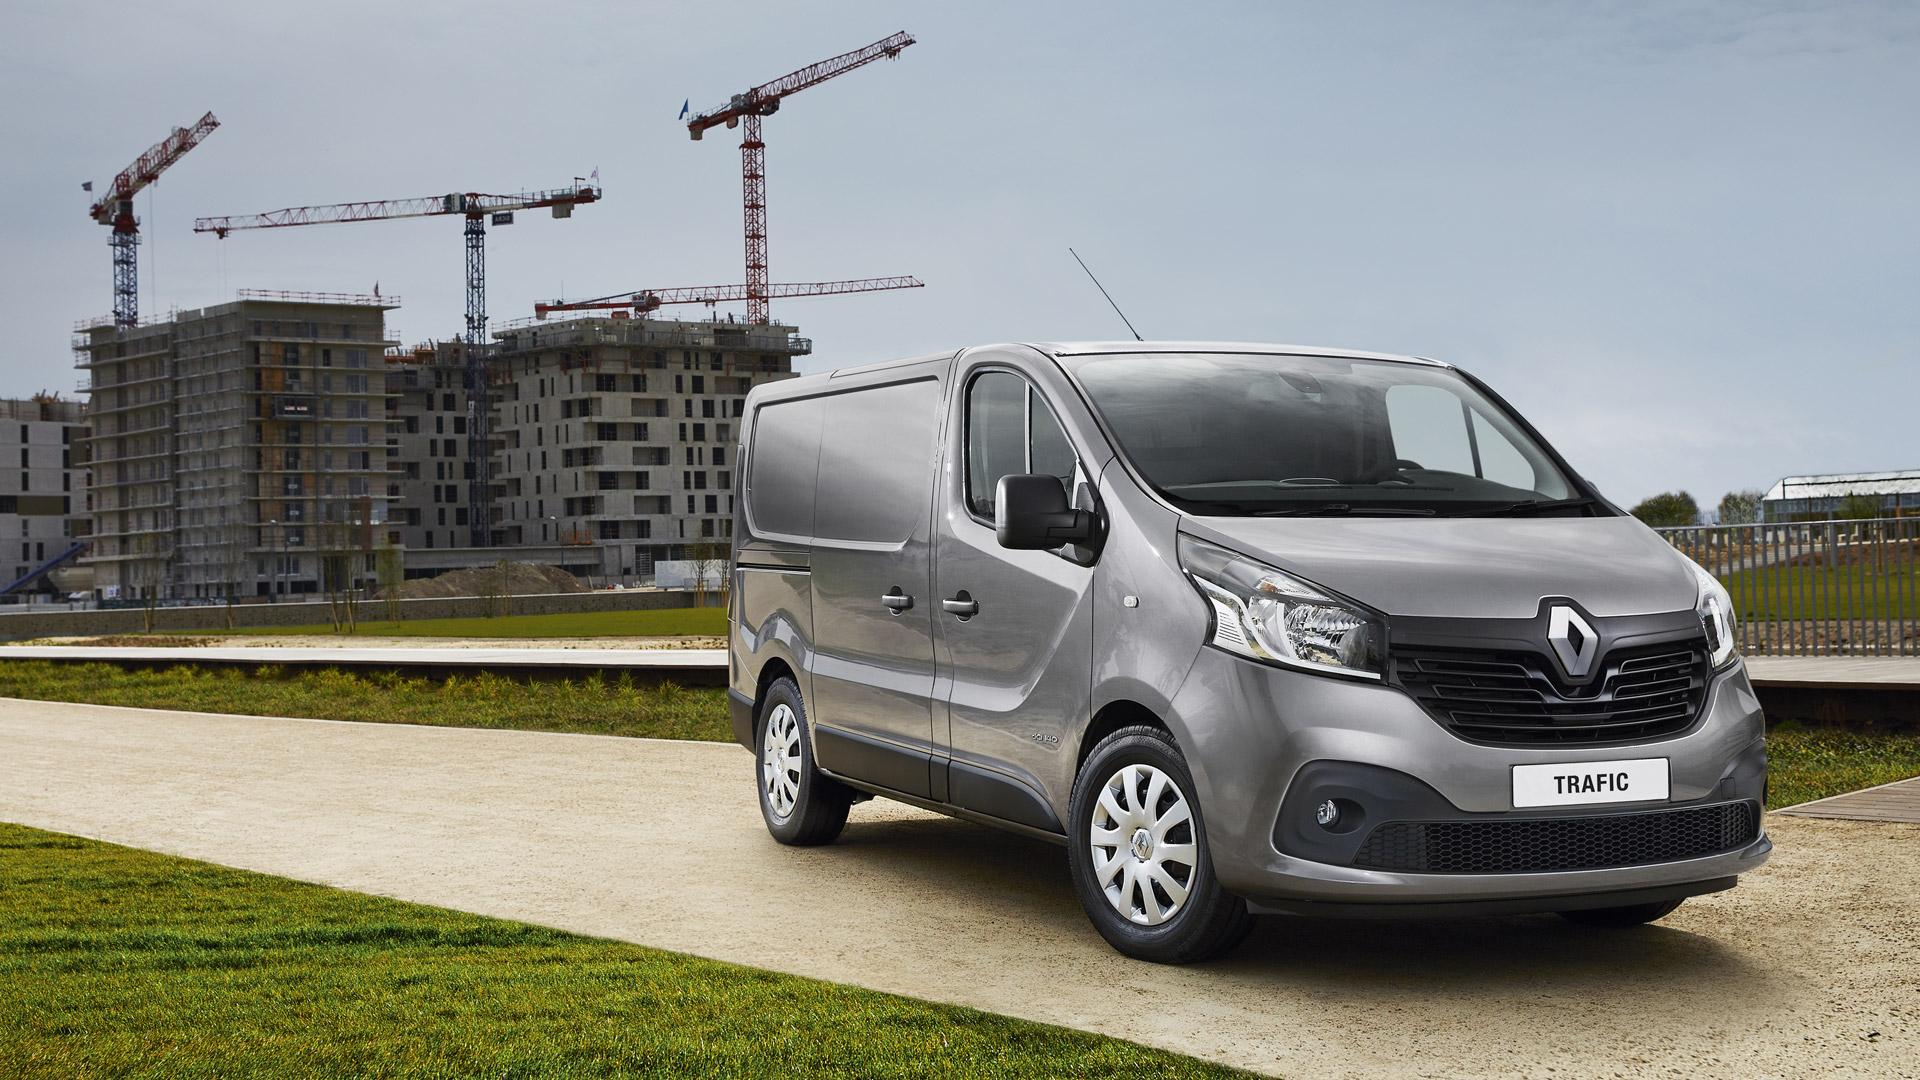 Le nouveau Renault Trafic est désormais disponible à la location